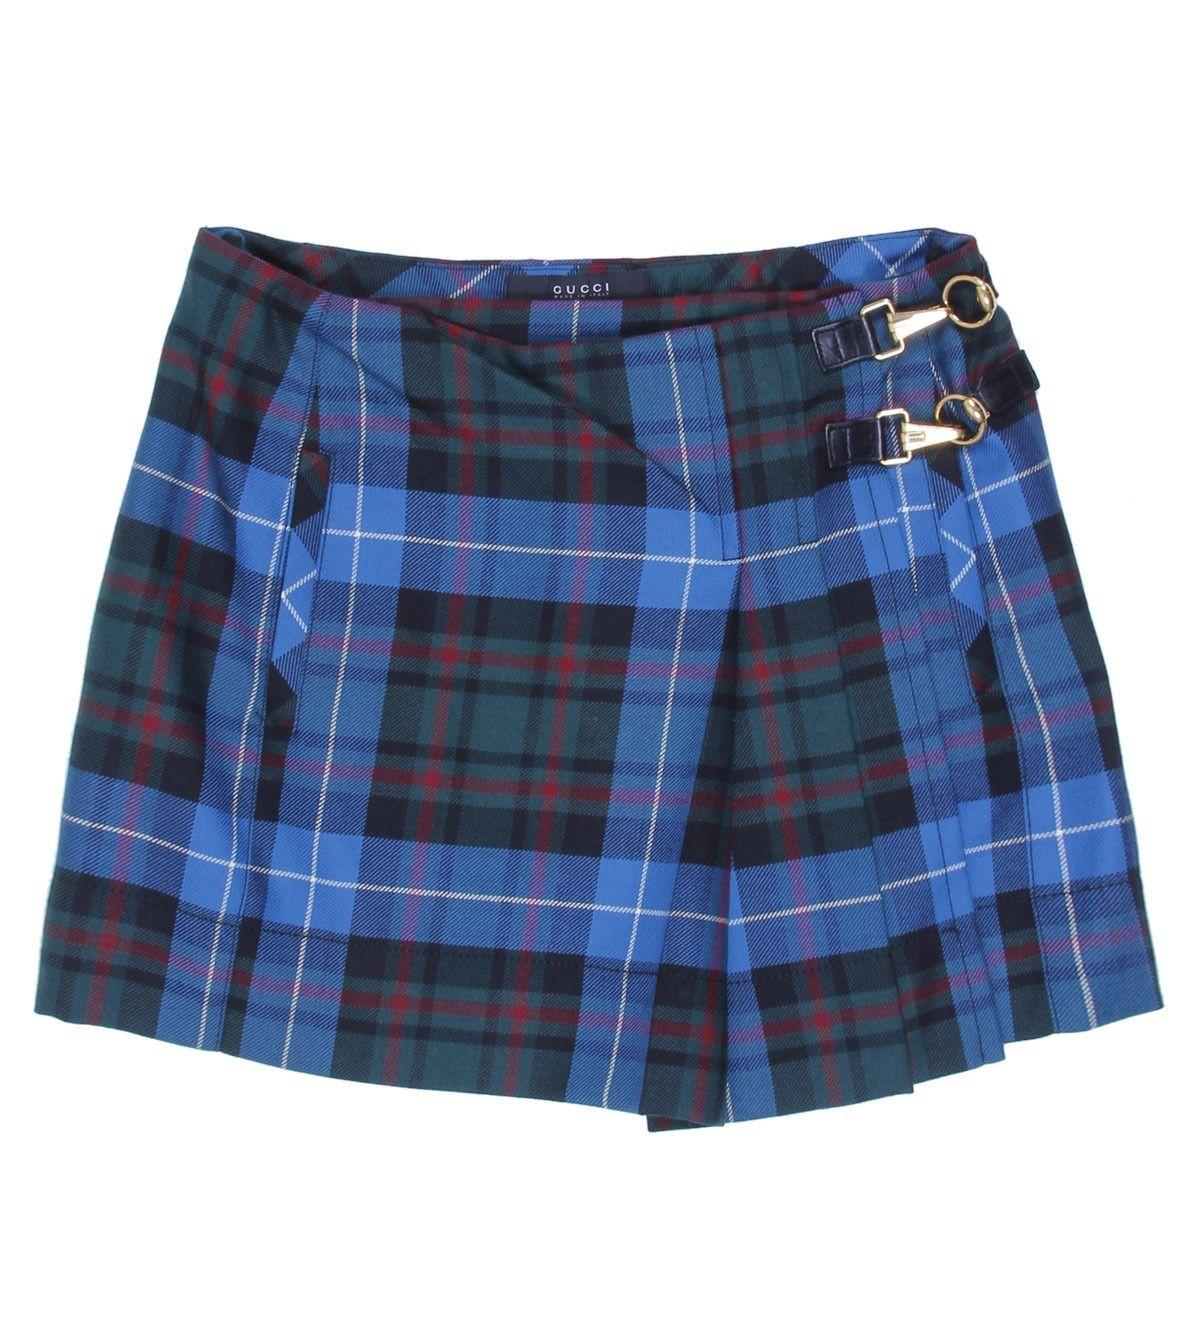 Gucci Blue Tartan Lambs Wool Skirt